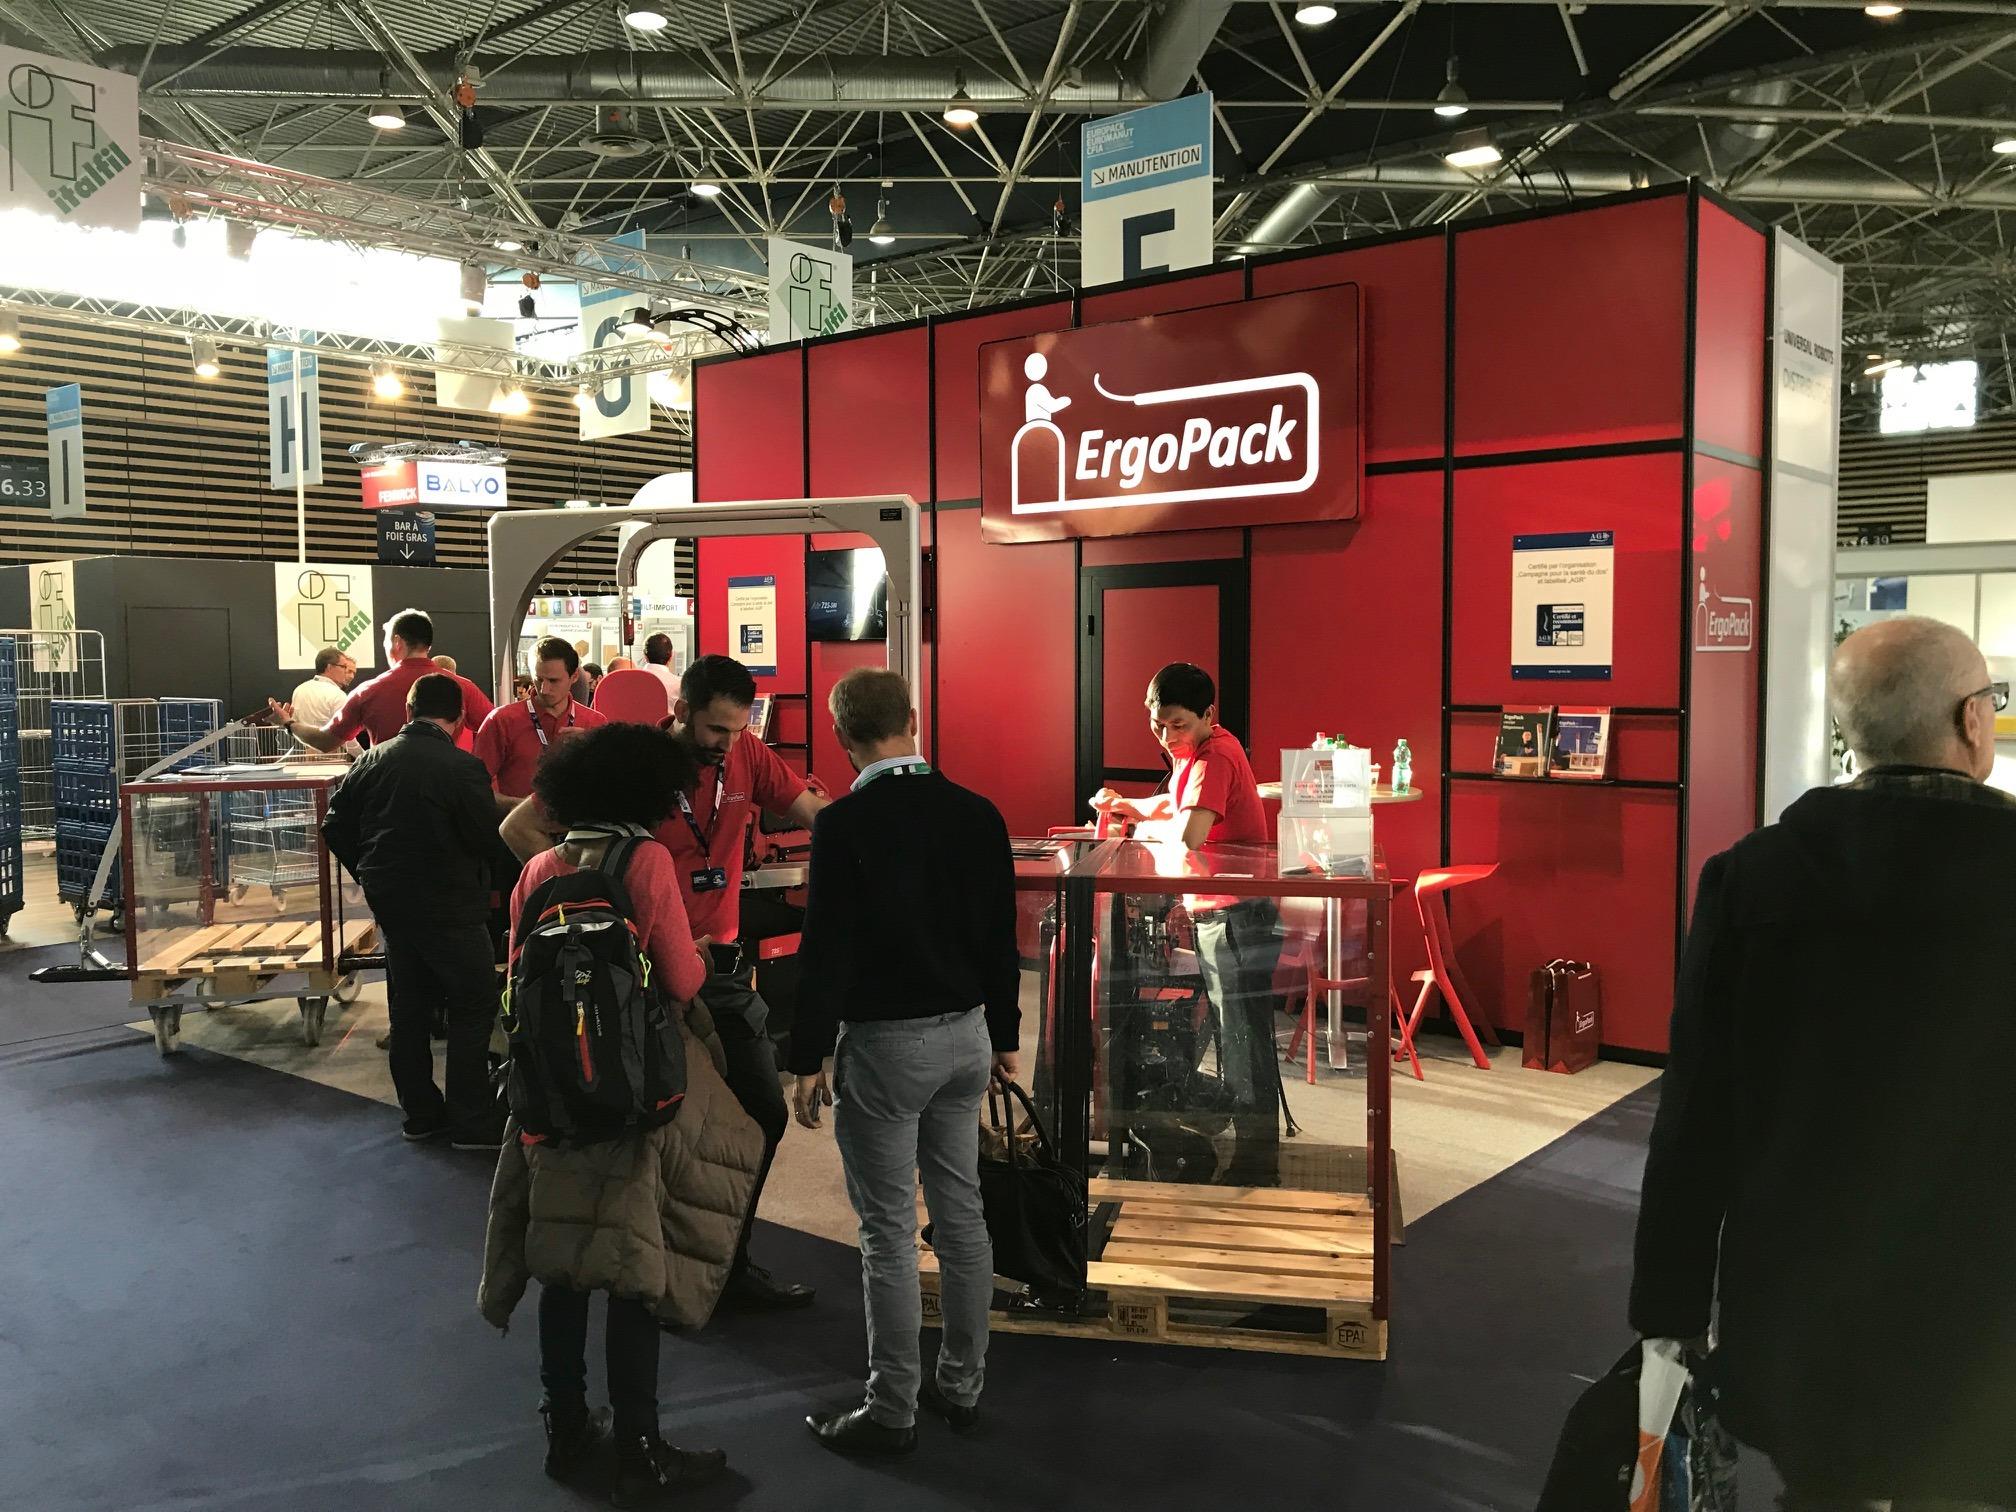 Salon EUROPACK EUROMANUT de Lyon : venez découvrir l'ErgoPack